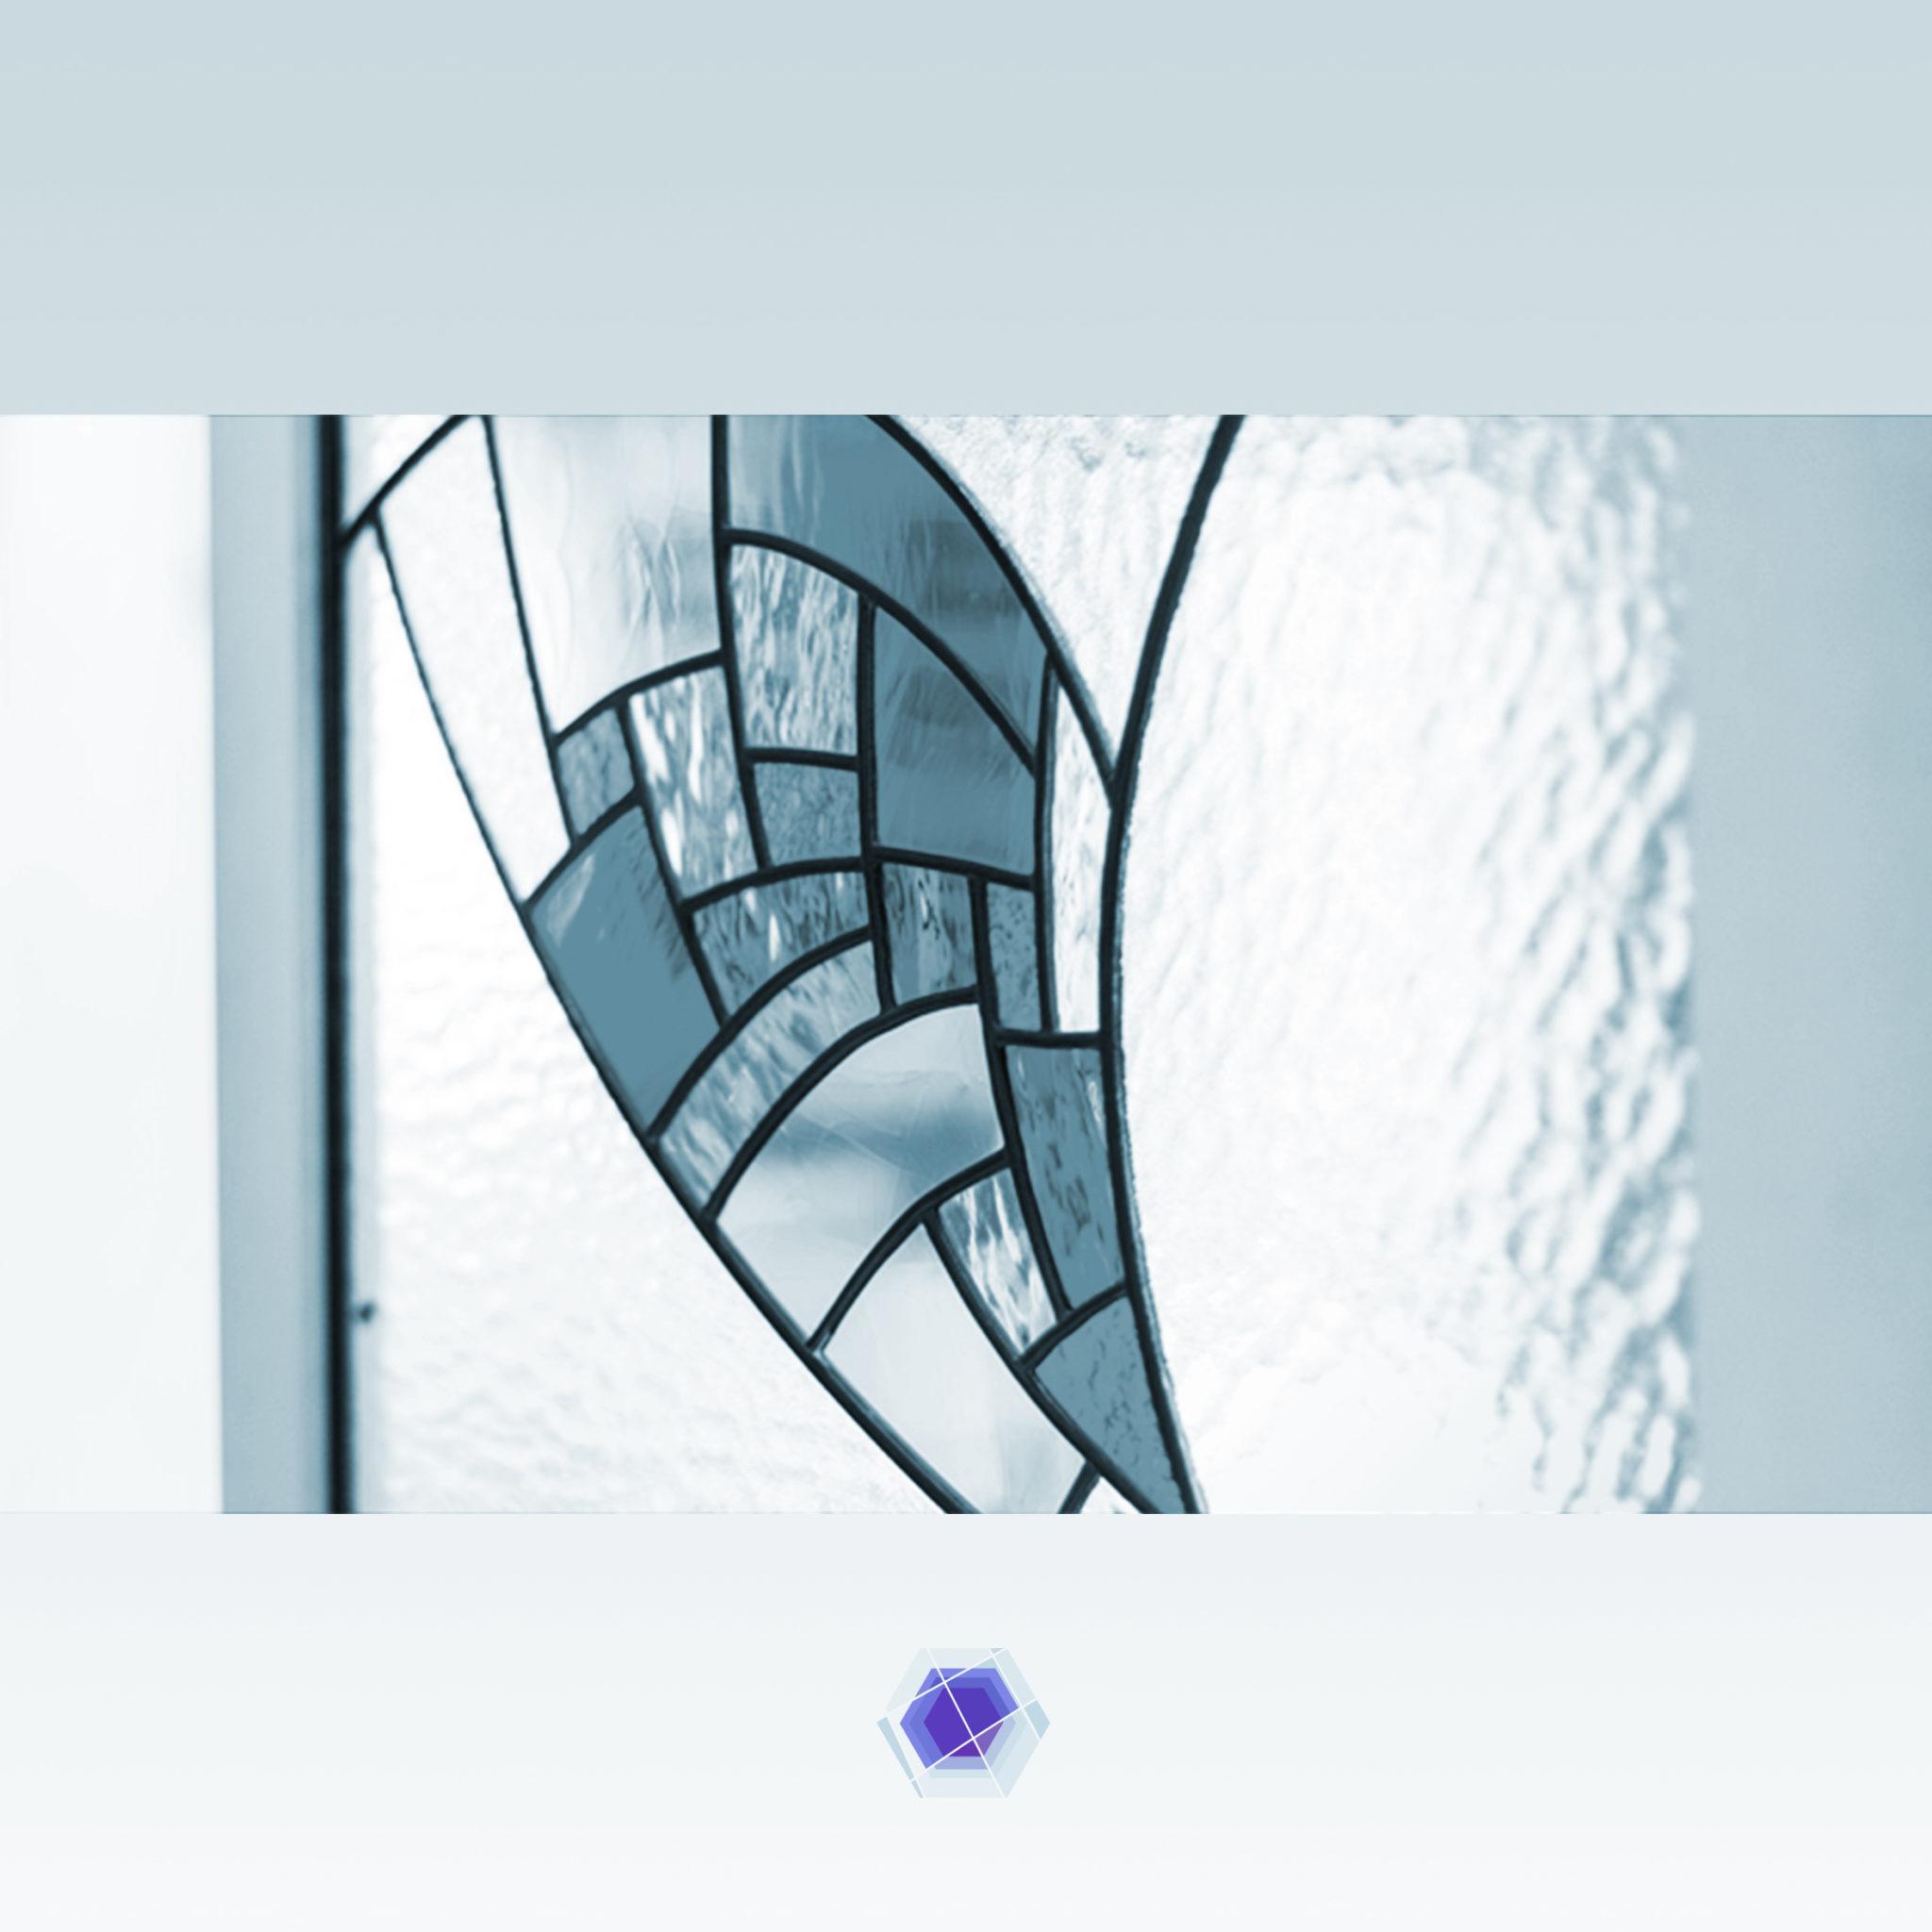 vetreriabattiato.it - vetreria catania battiato - vetro